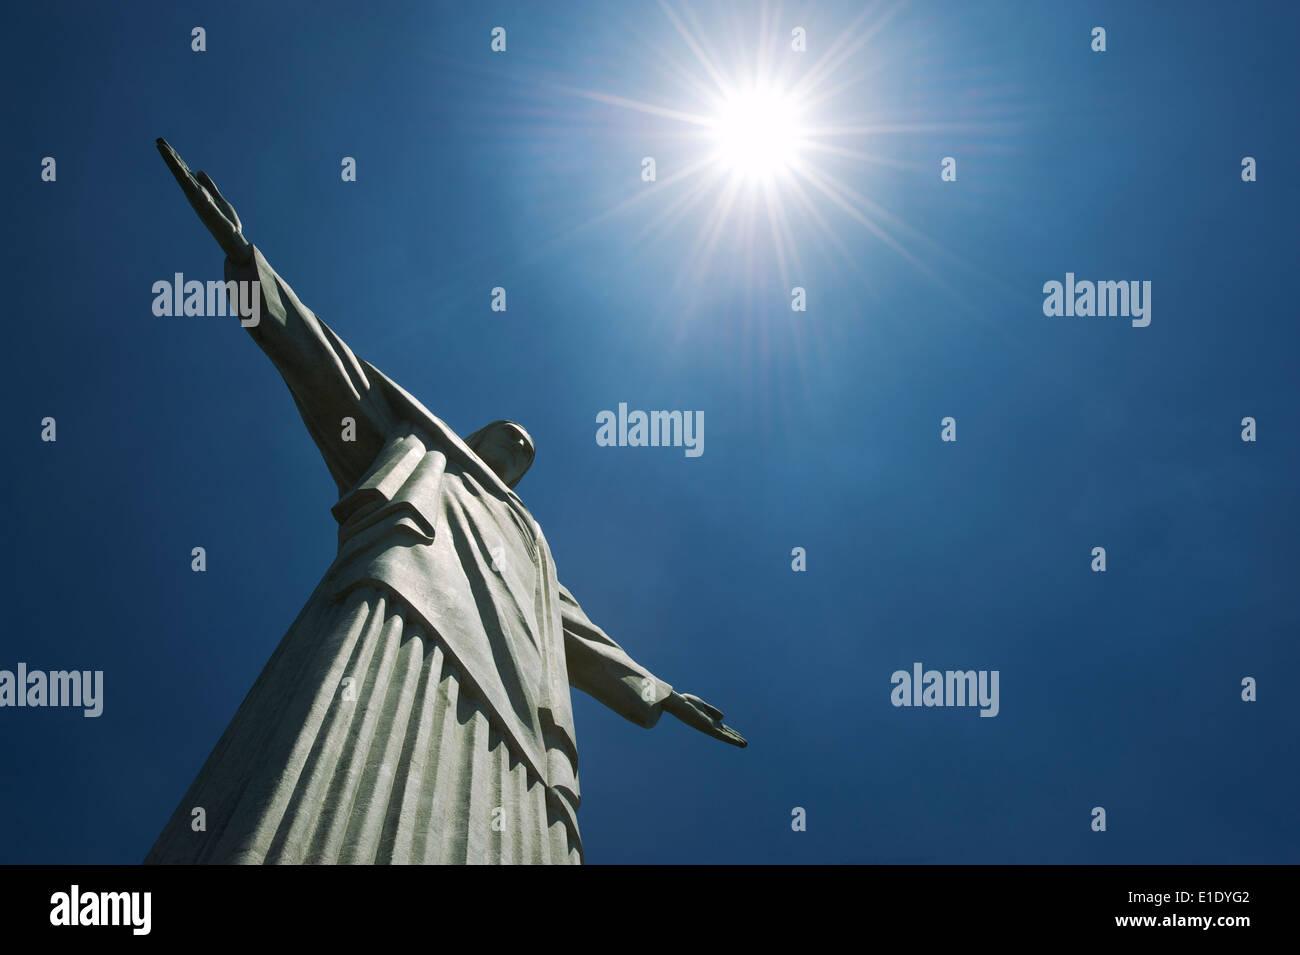 RIO DE JANEIRO, Brasile - 20 ottobre 2013: Close-up della statua del Cristo Redentore a monte Corcovado sotto il sole. Immagini Stock